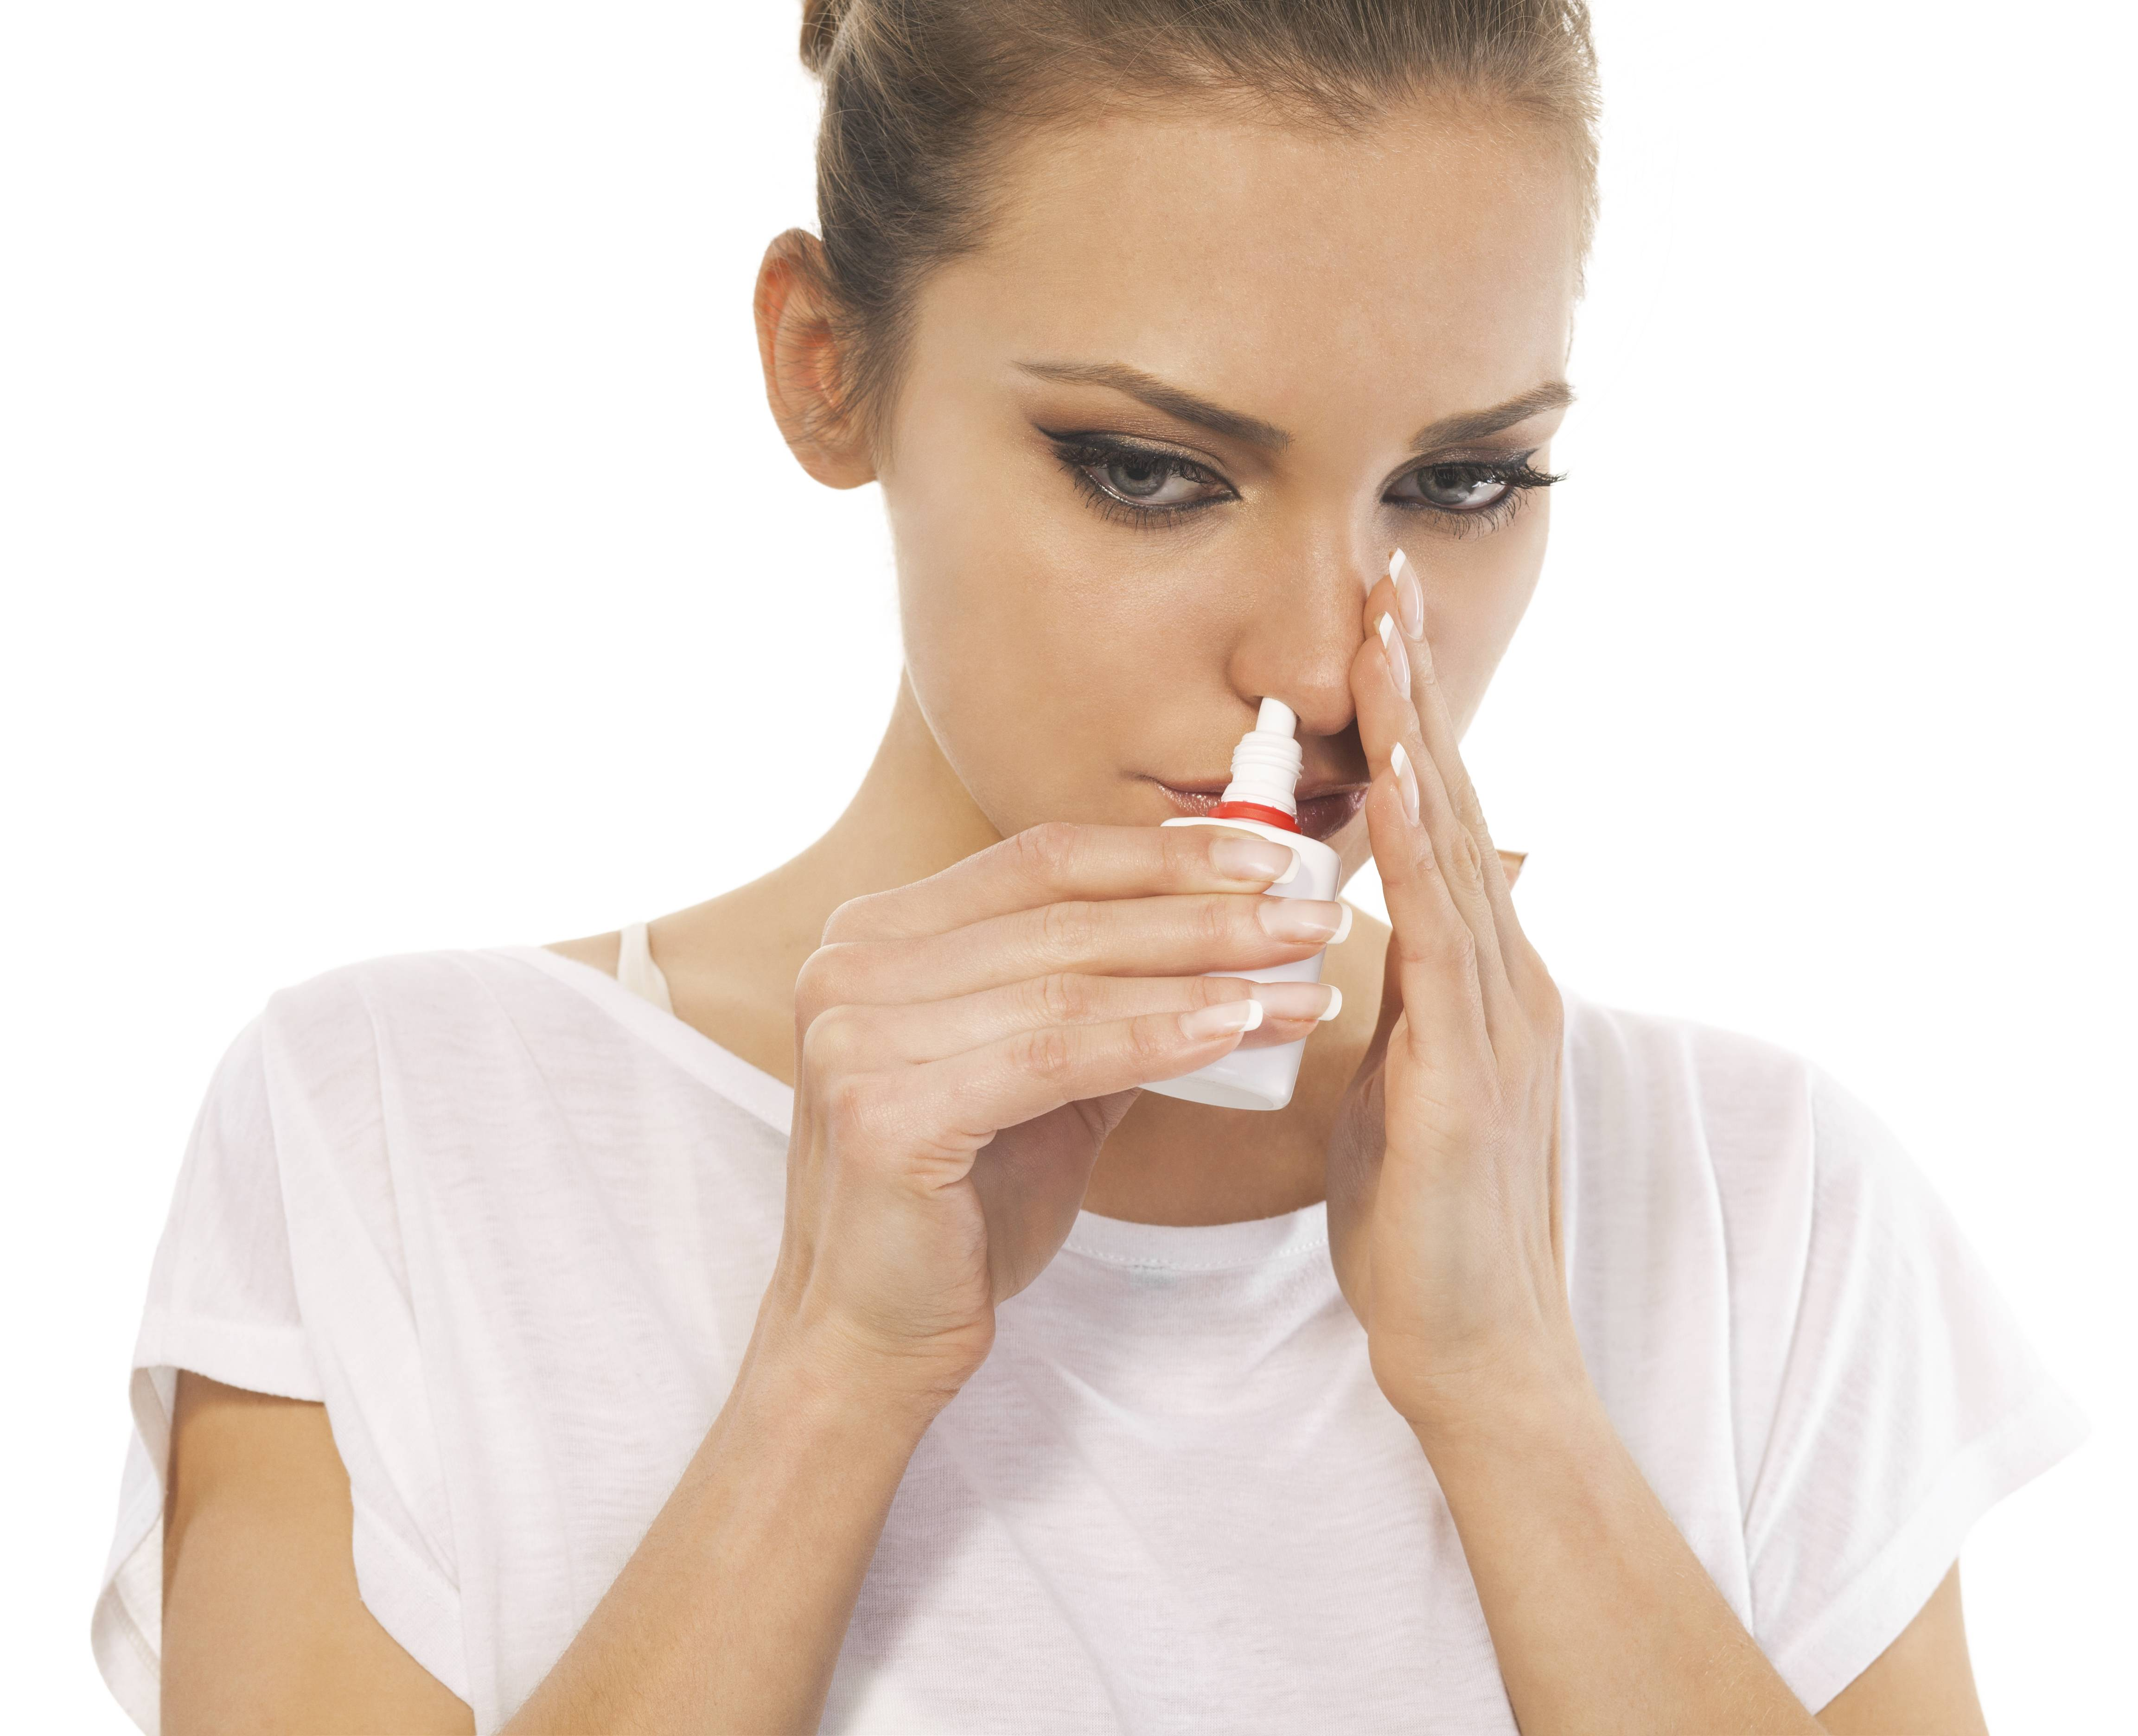 6 способов избавиться от аллергического ринита в домашних условиях